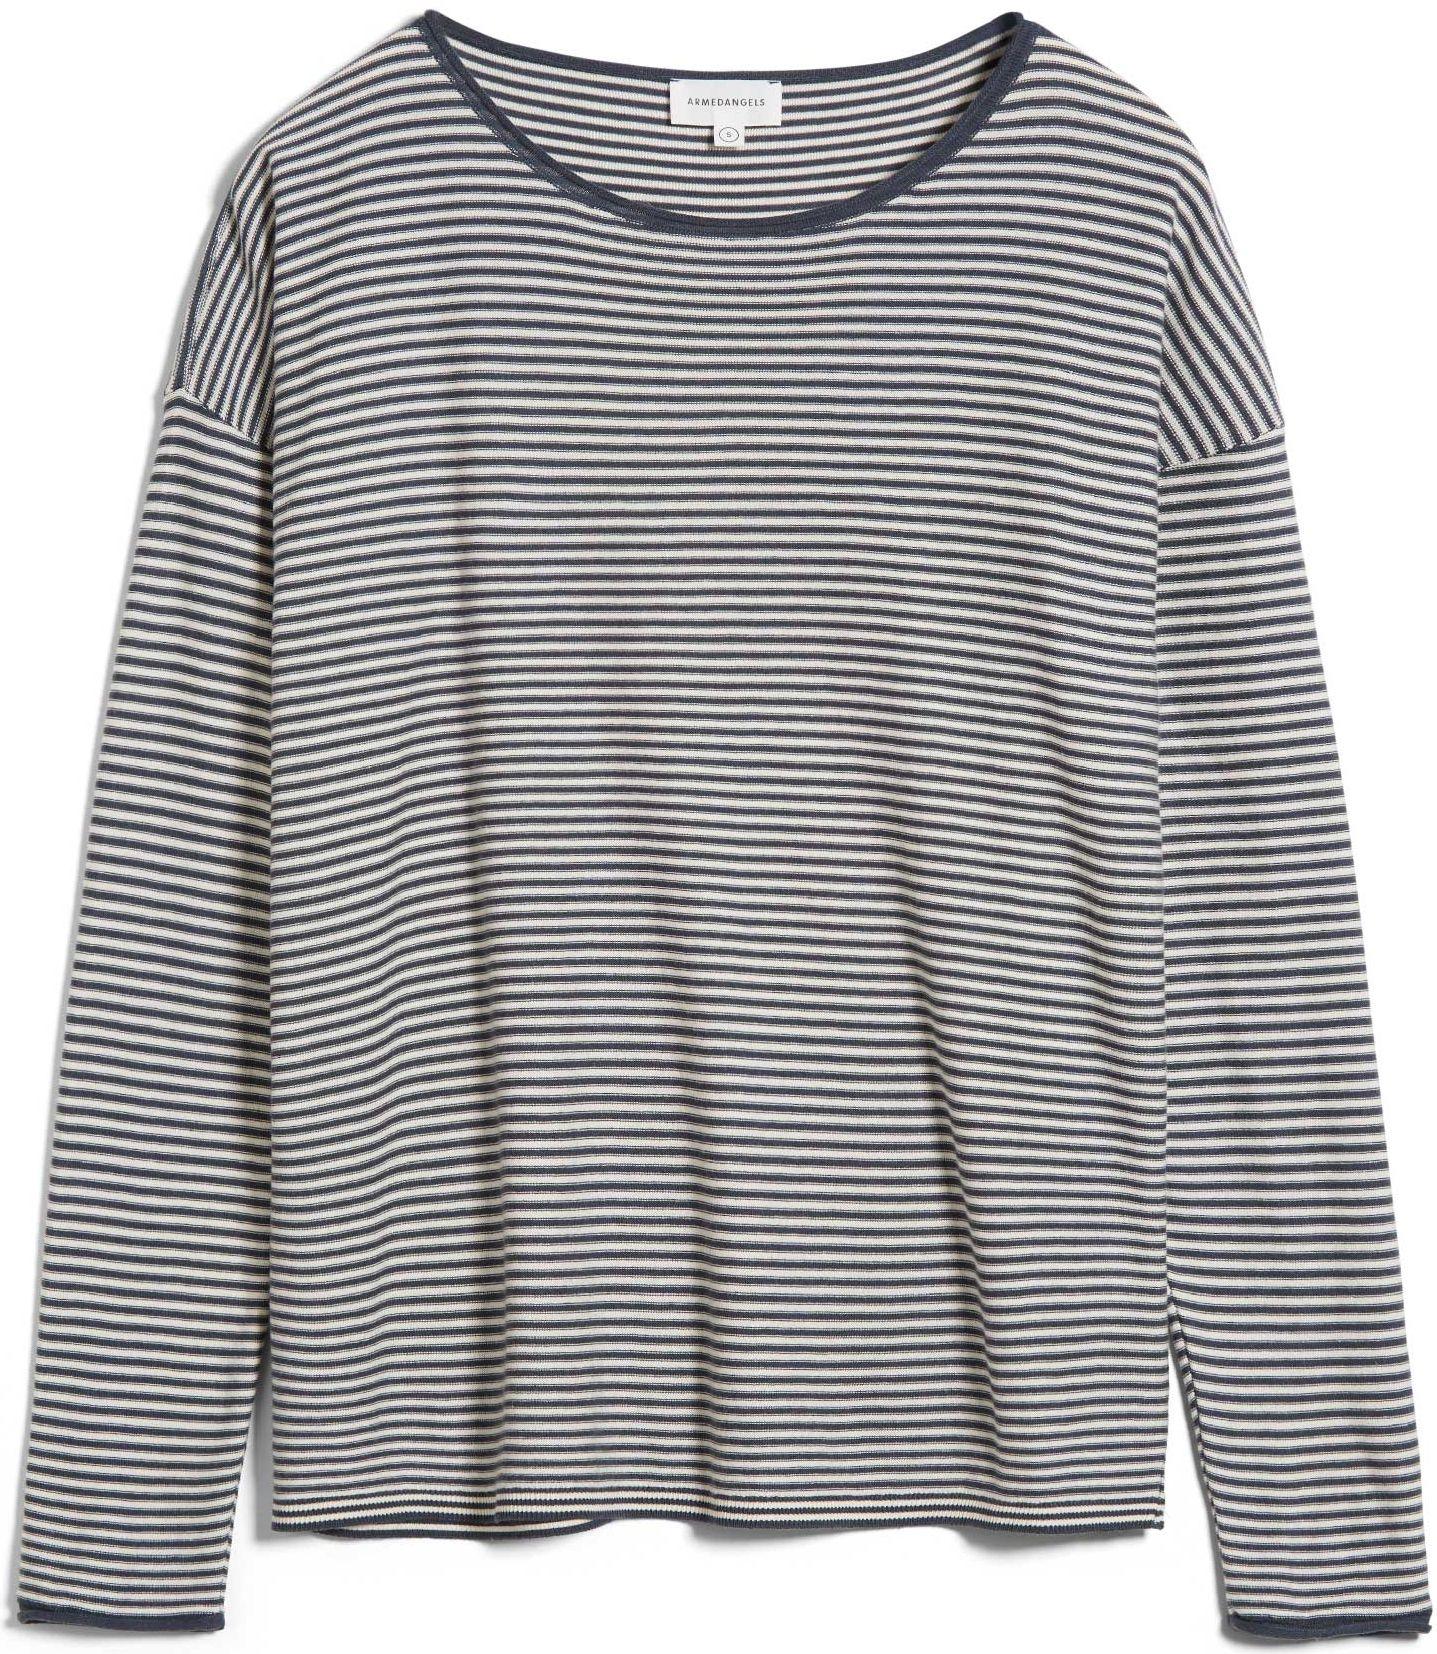 Damen-Pullover LADAA STRIPED indigo/ oatmilk